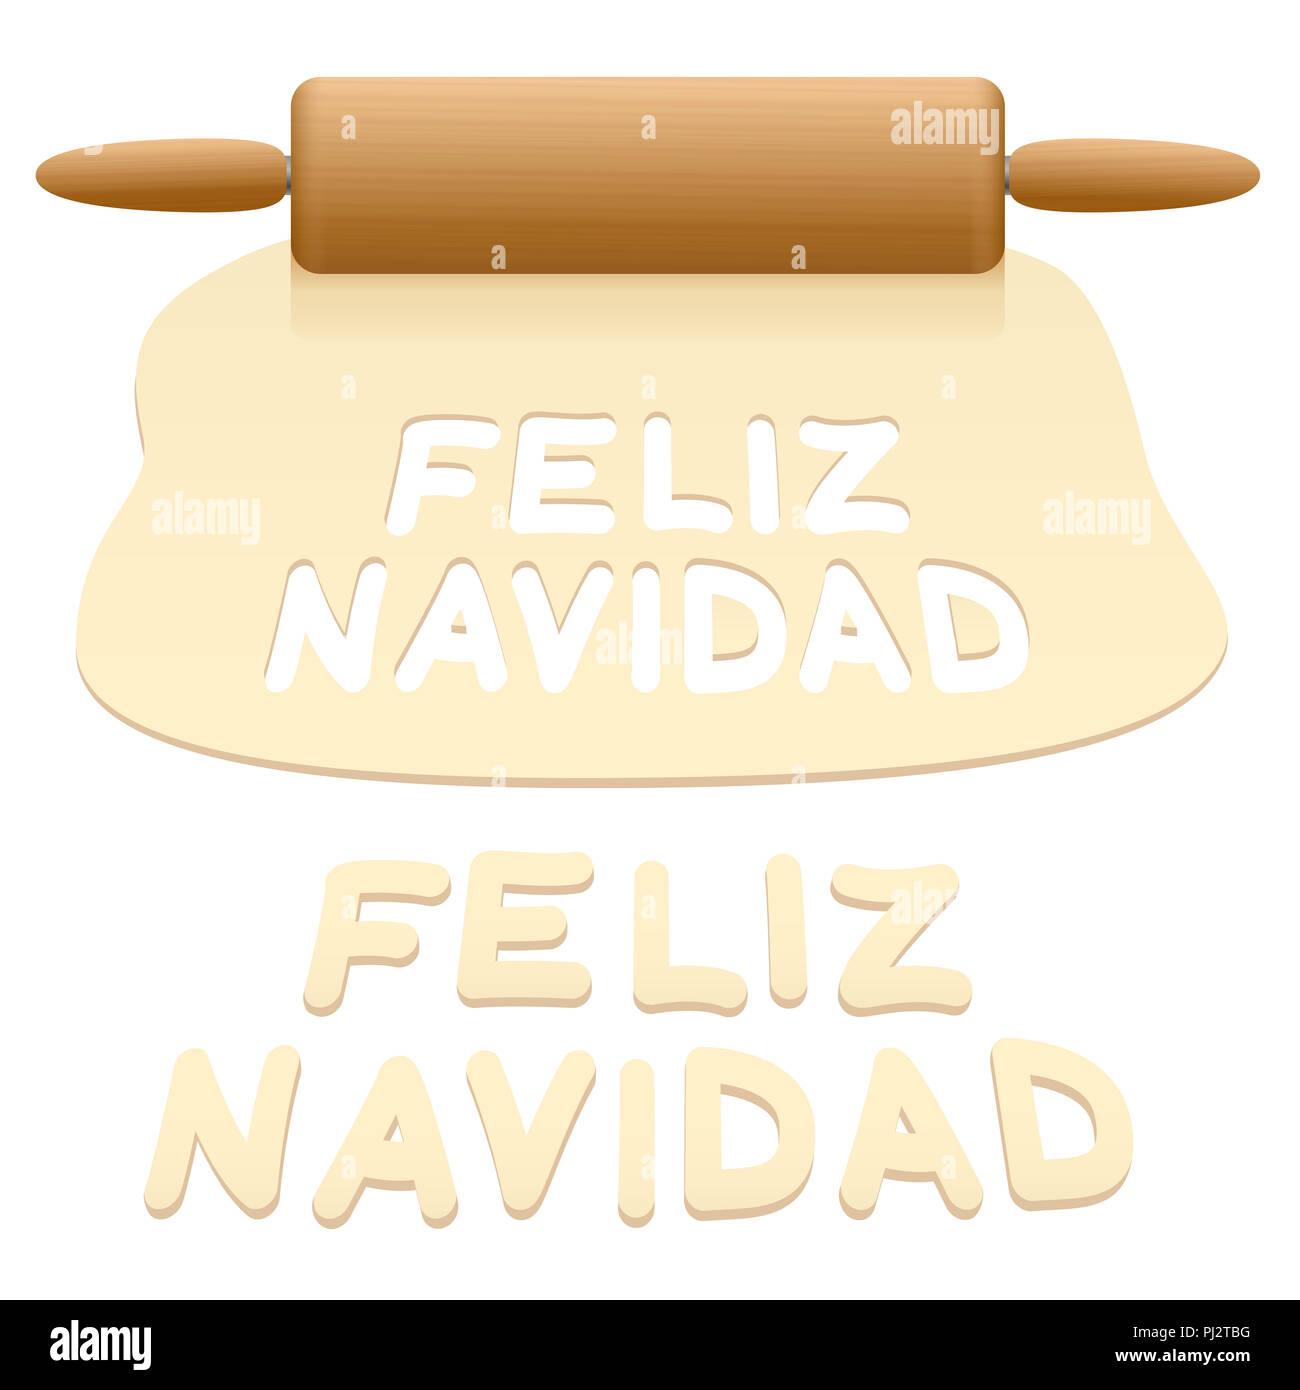 Merry Christmas cookies cortada de pastelería masa decir Feliz Navidad en idioma español. Imagen De Stock